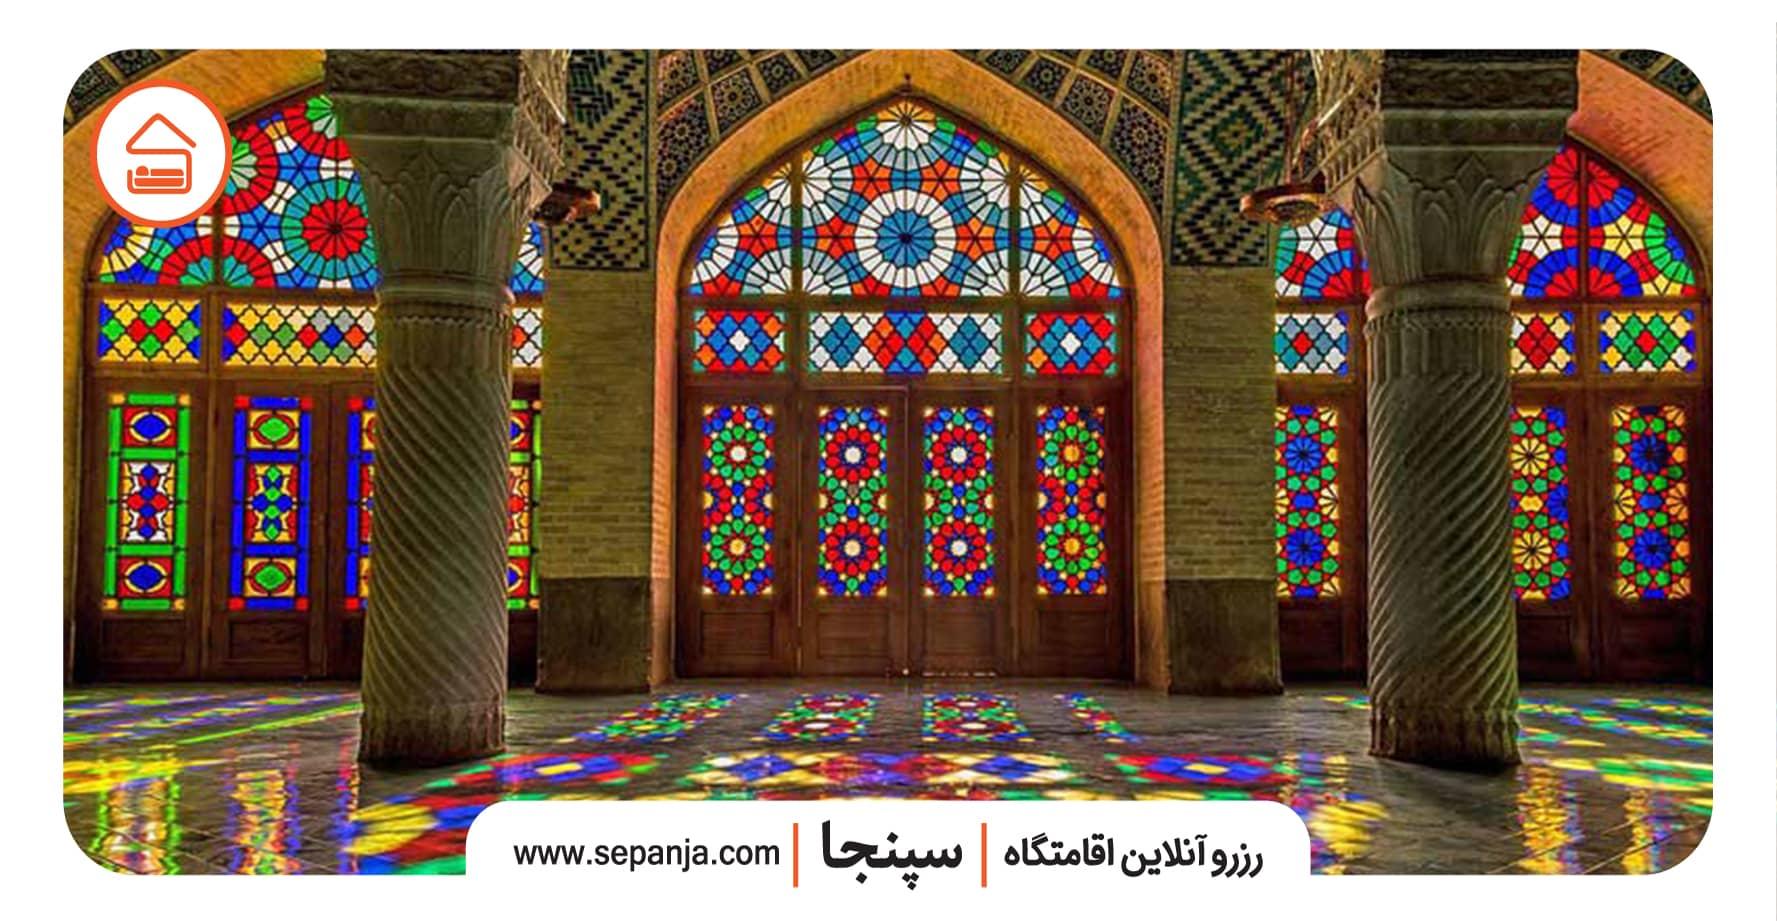 نمایی از معماری مسجد نصیرالملک شیراز